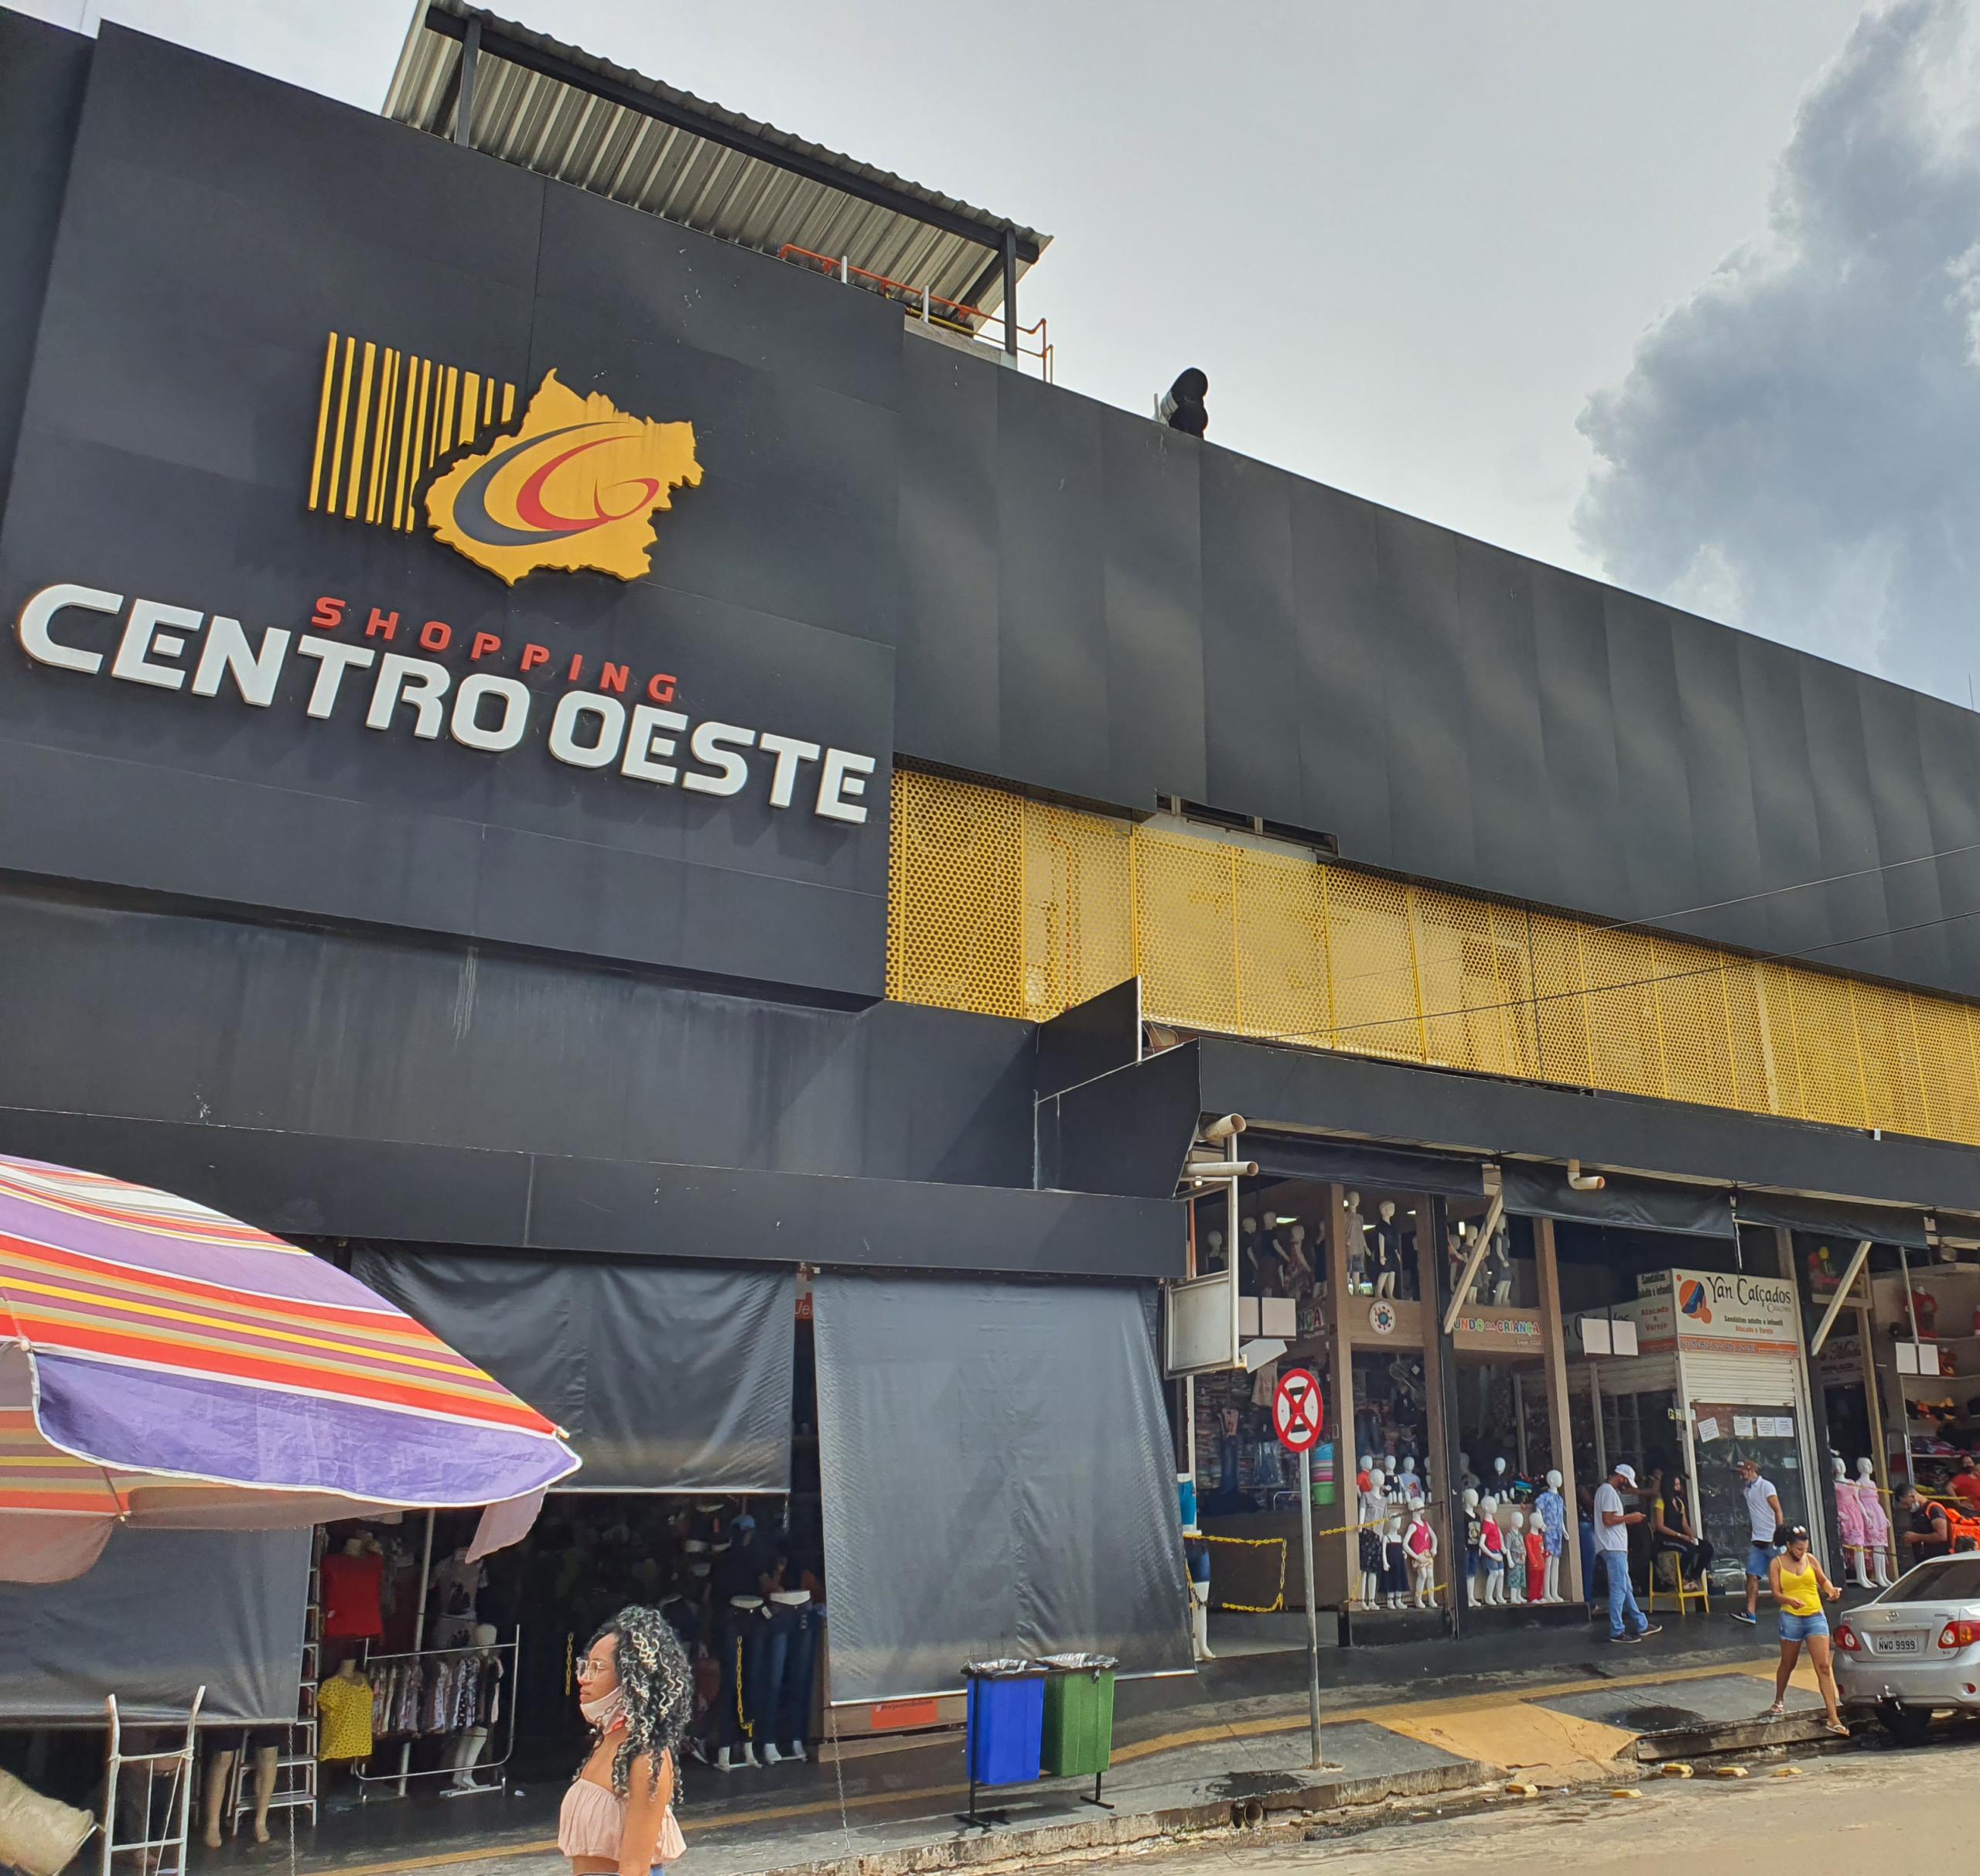 Shopping Centro Oeste